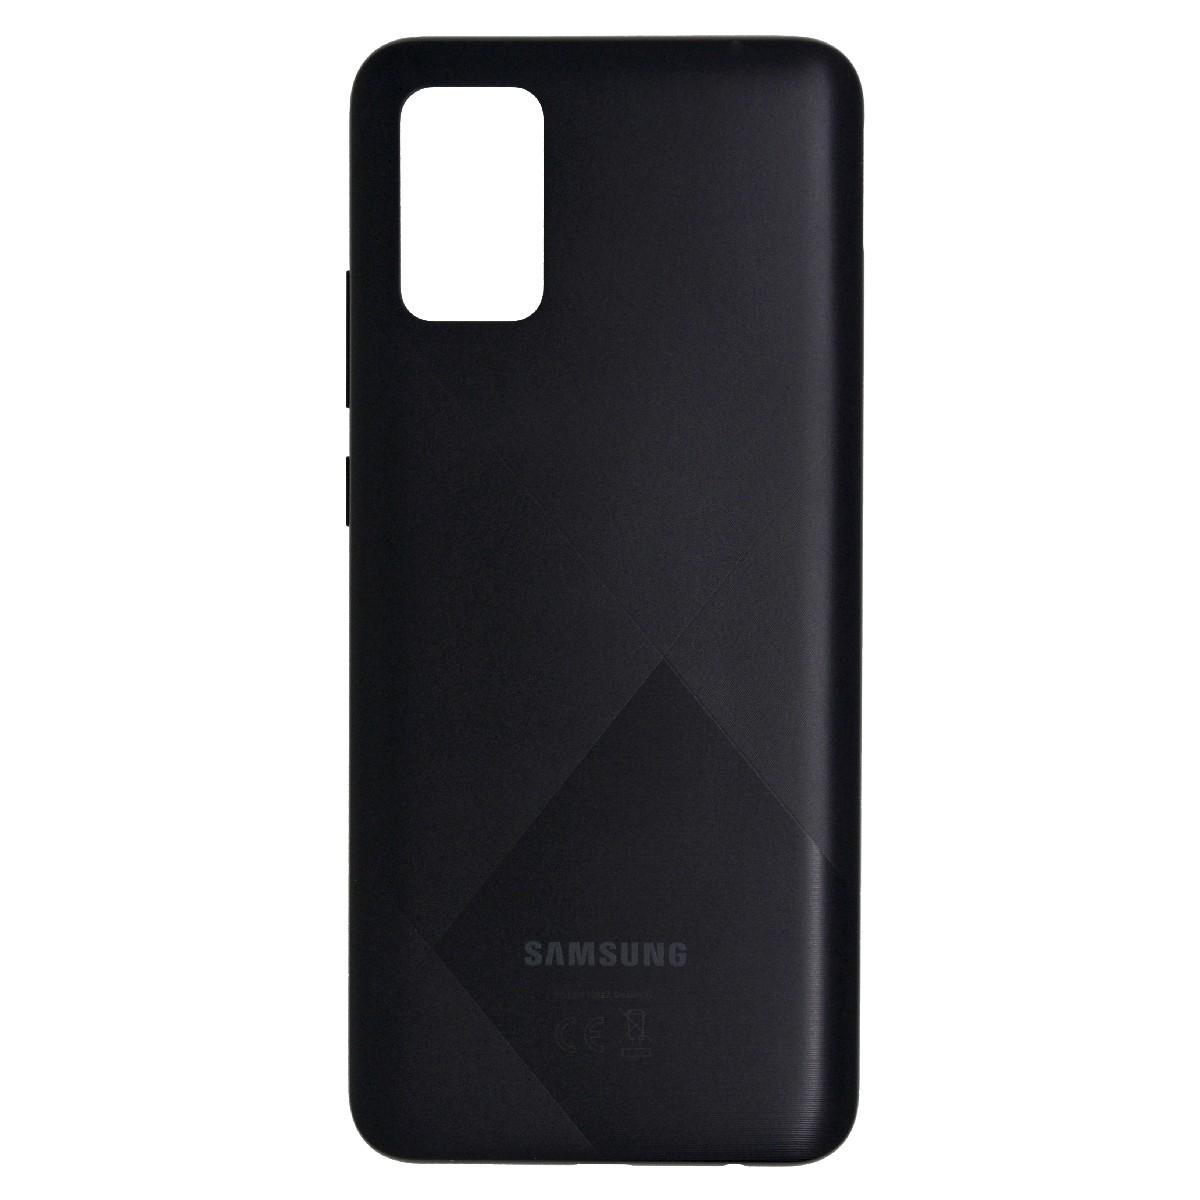 Καπάκι Μπαταρίας Samsung SM-A025F Galaxy A02s Μαύρο Original GH81-20239A